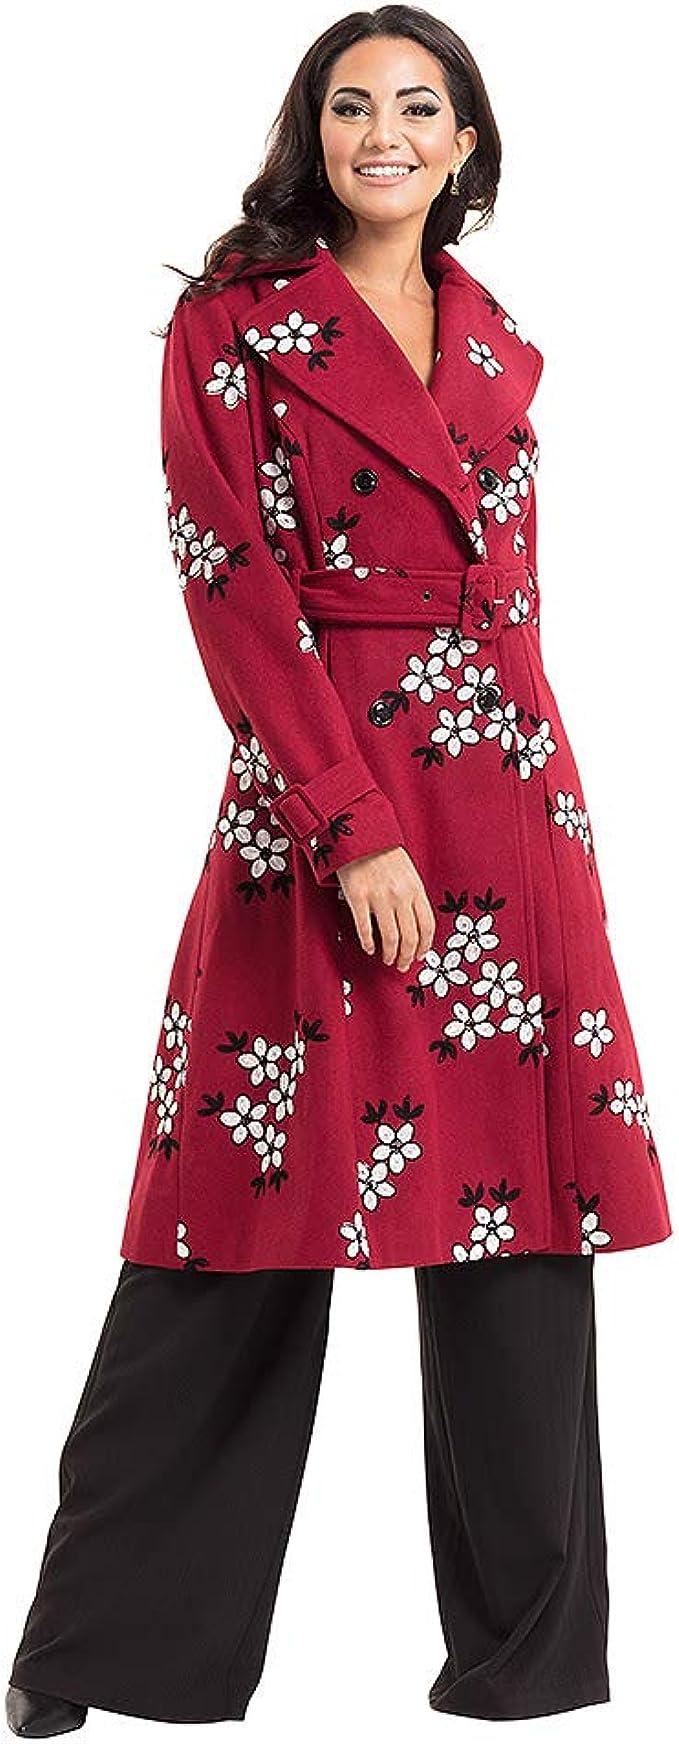 Voodoo Vixen Womens Marjorie Floral Coat Burgundy